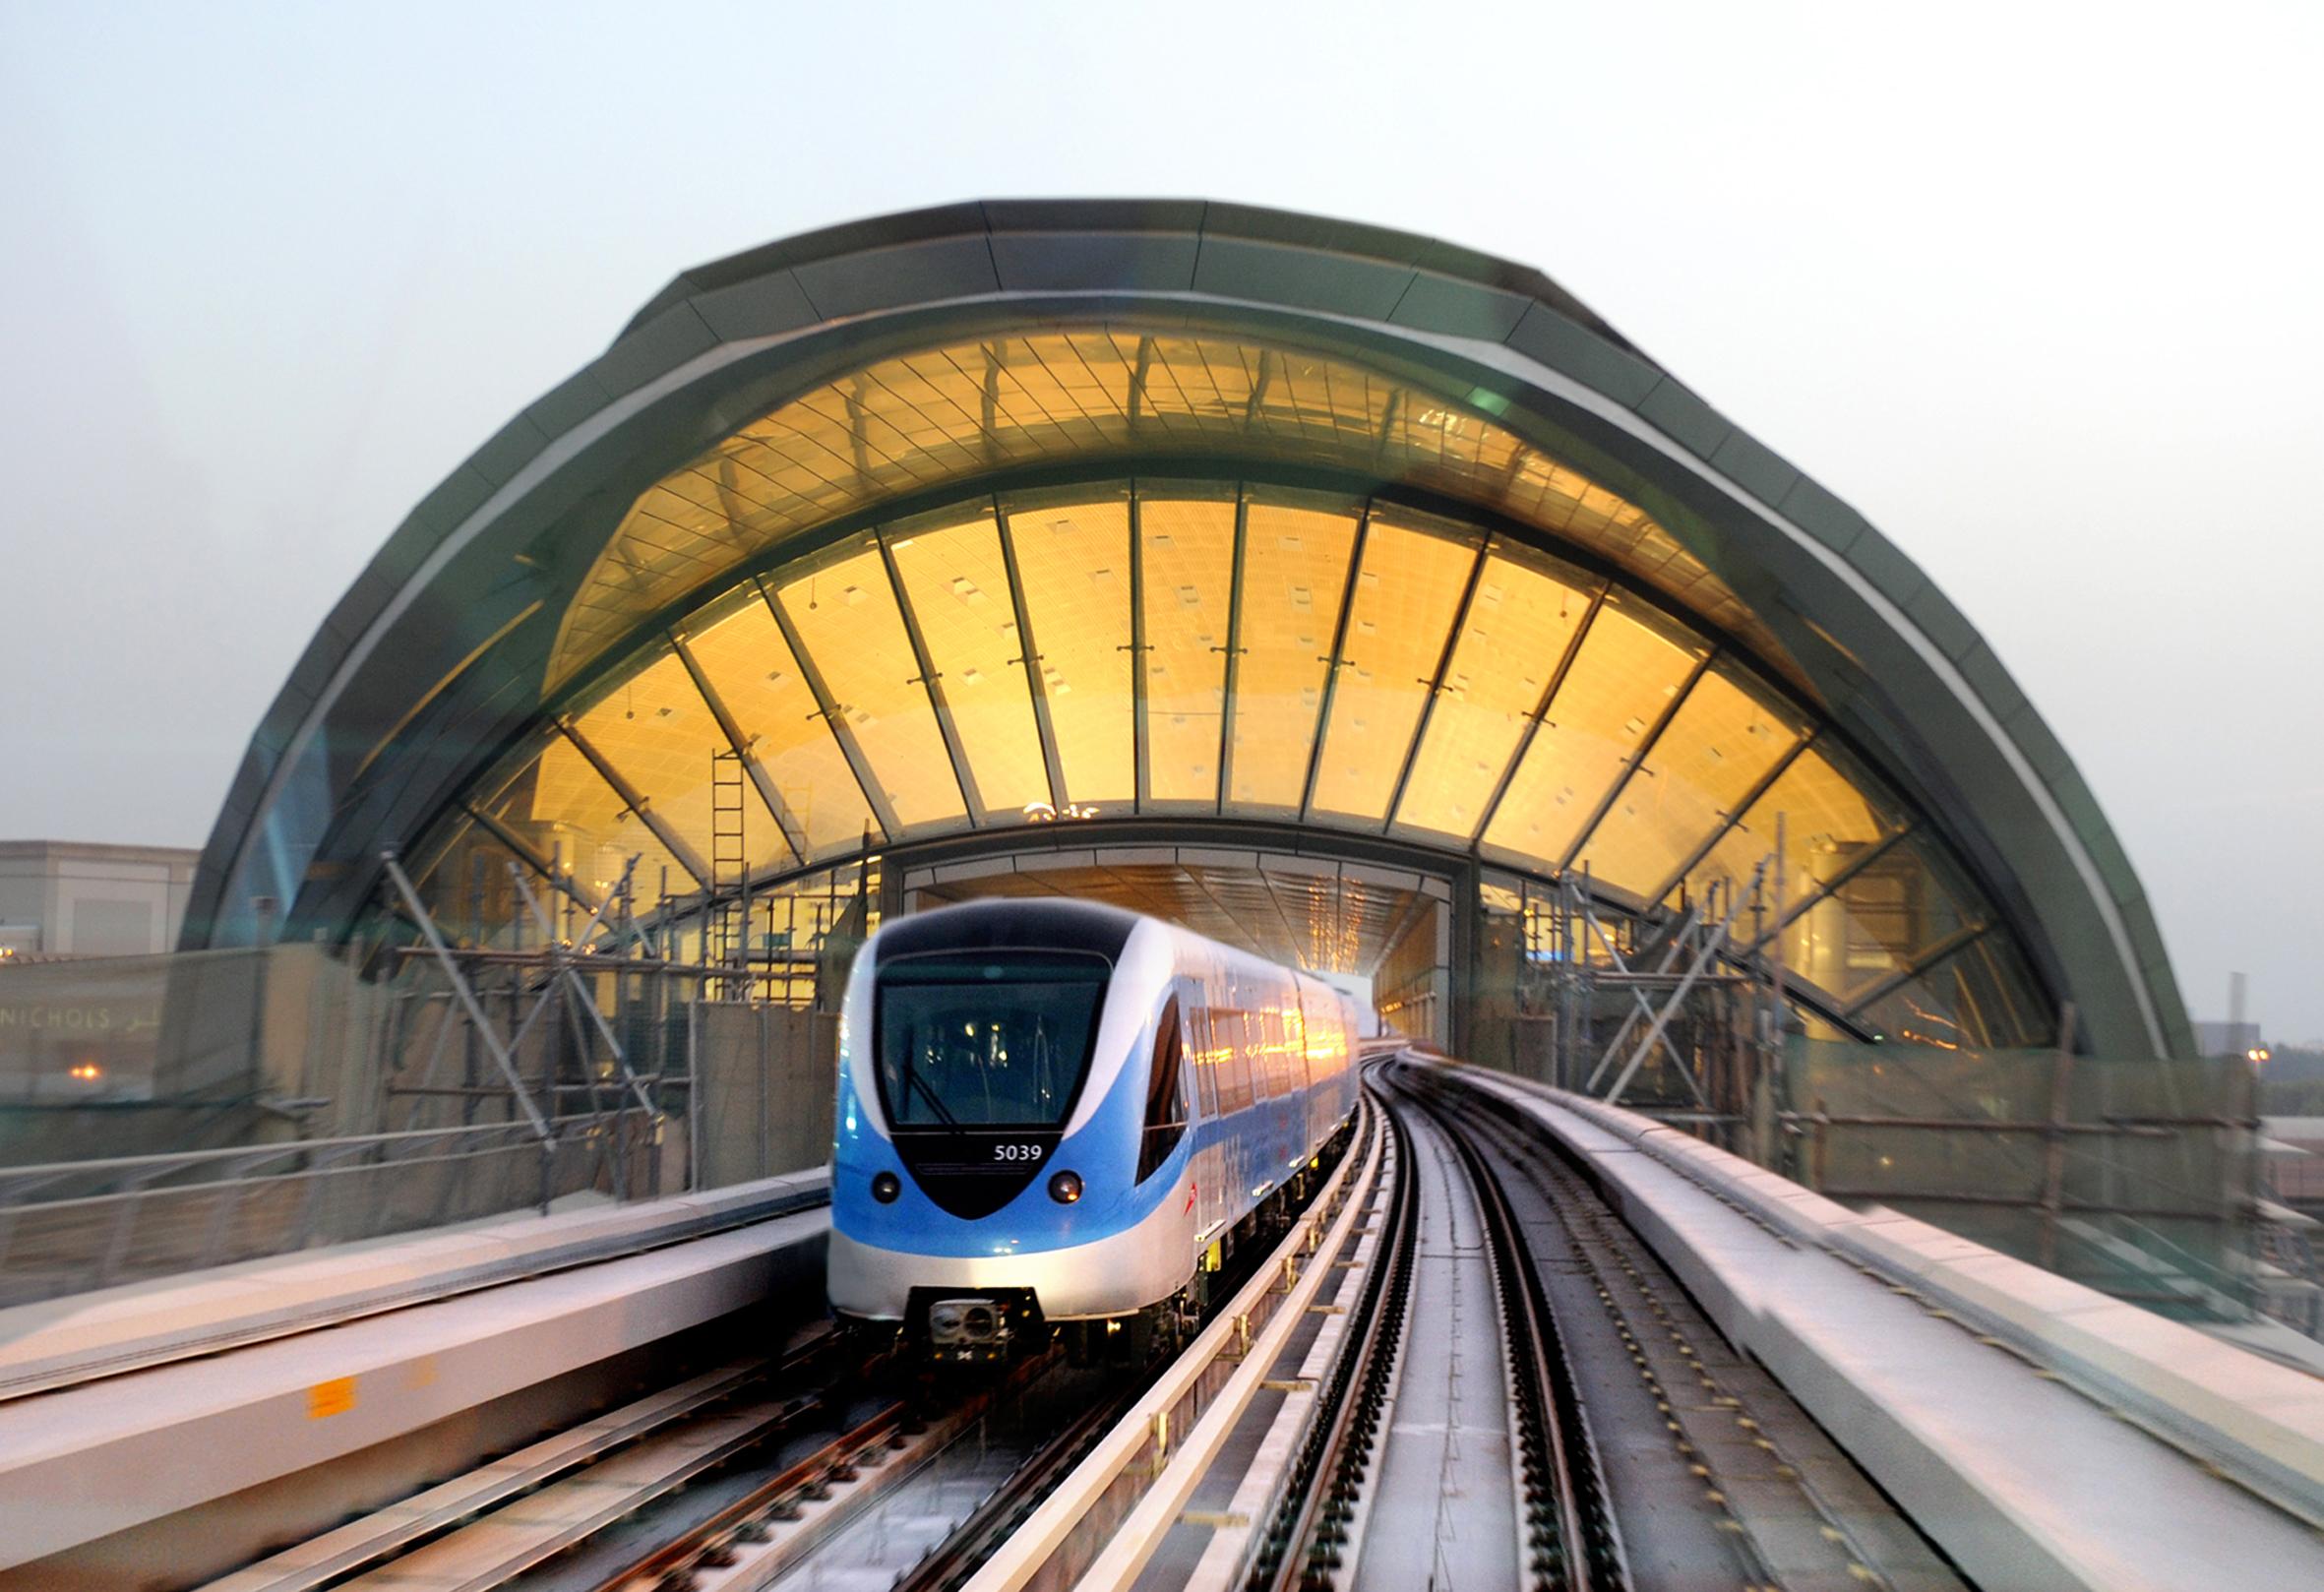 مترو دبى - dubai metro (64)